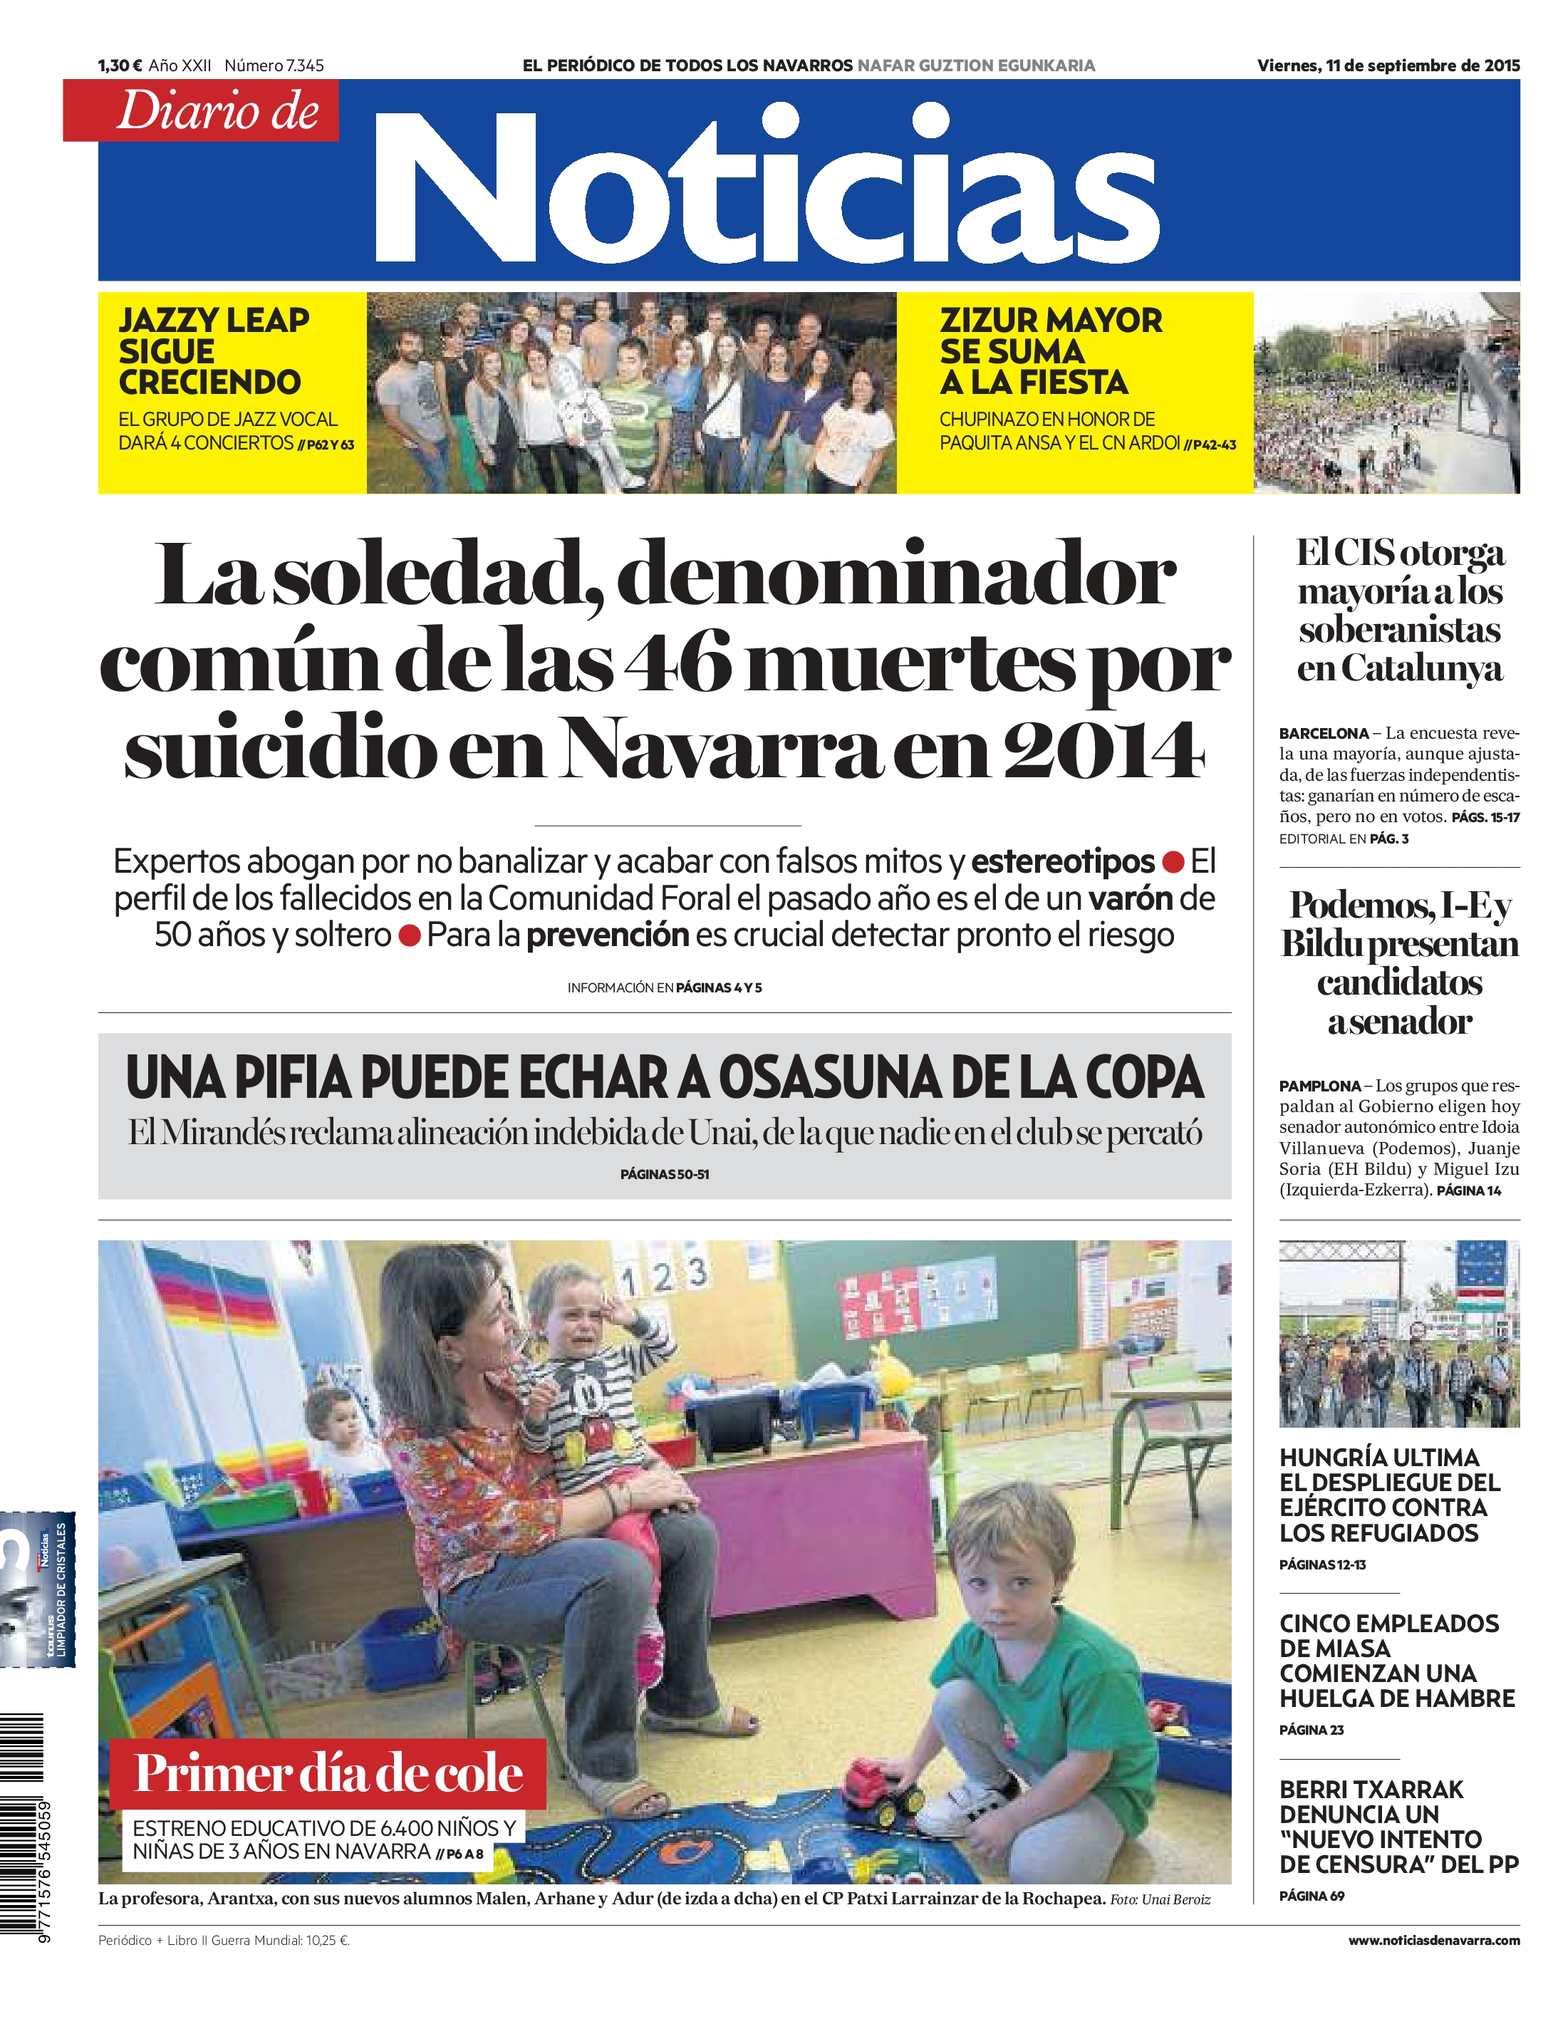 Calaméo - Diario de Noticias 20150911 98fac0ab59f